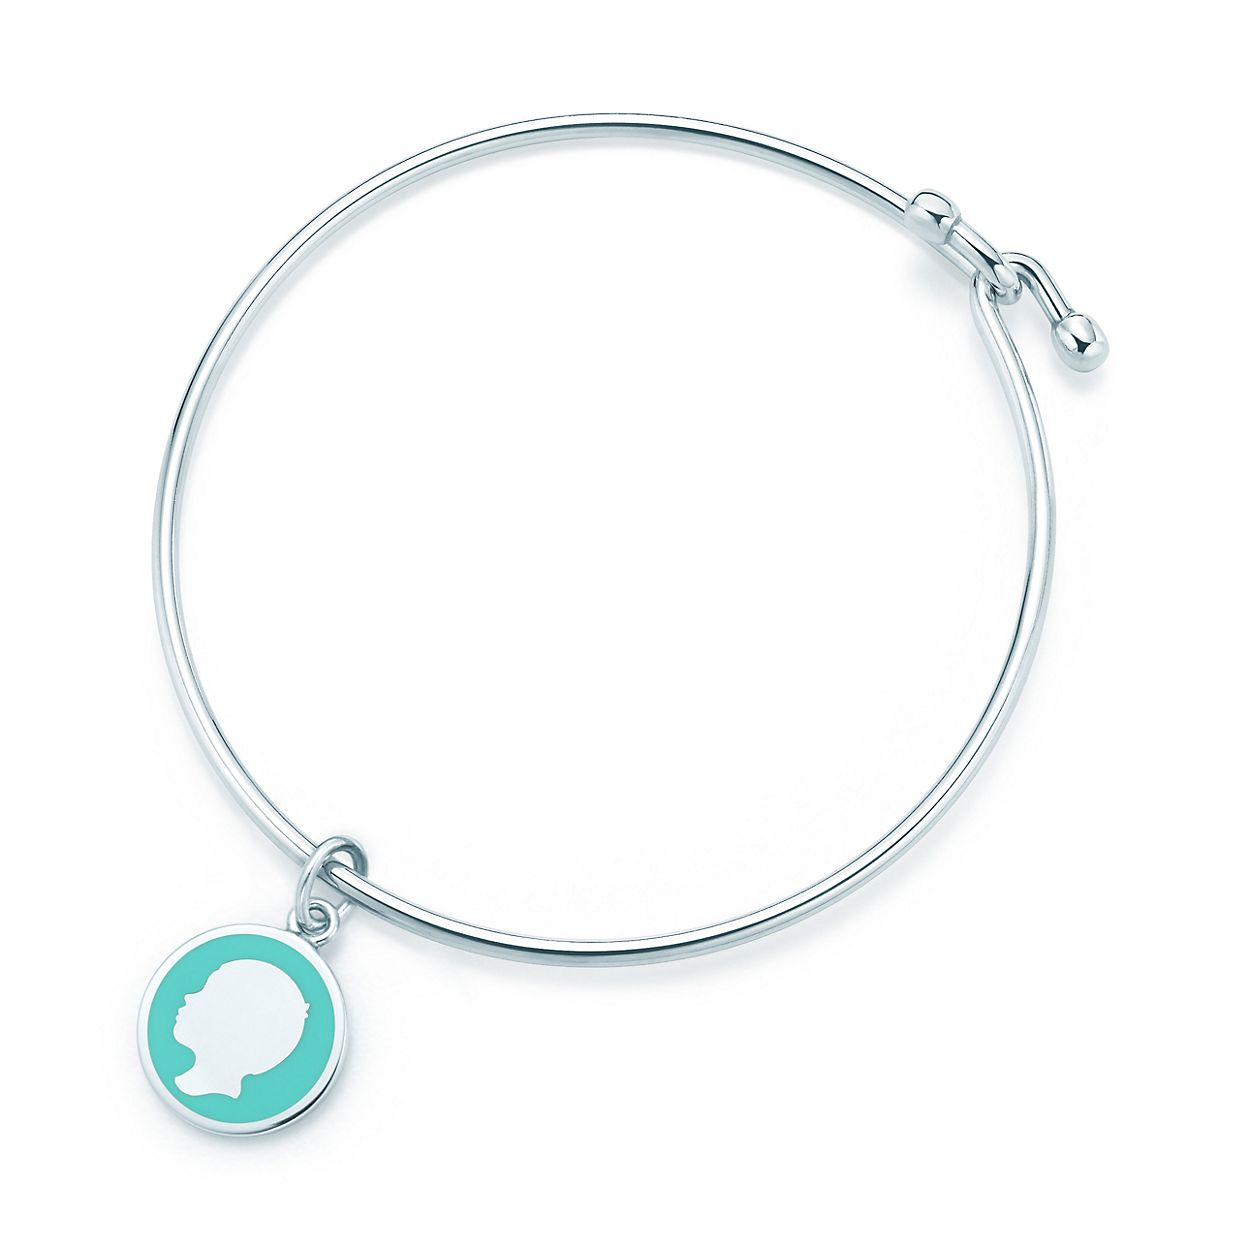 Boy tag charm in sterling silver with Tiffany Blue enamel finish Tiffany & Co. cBHVF79